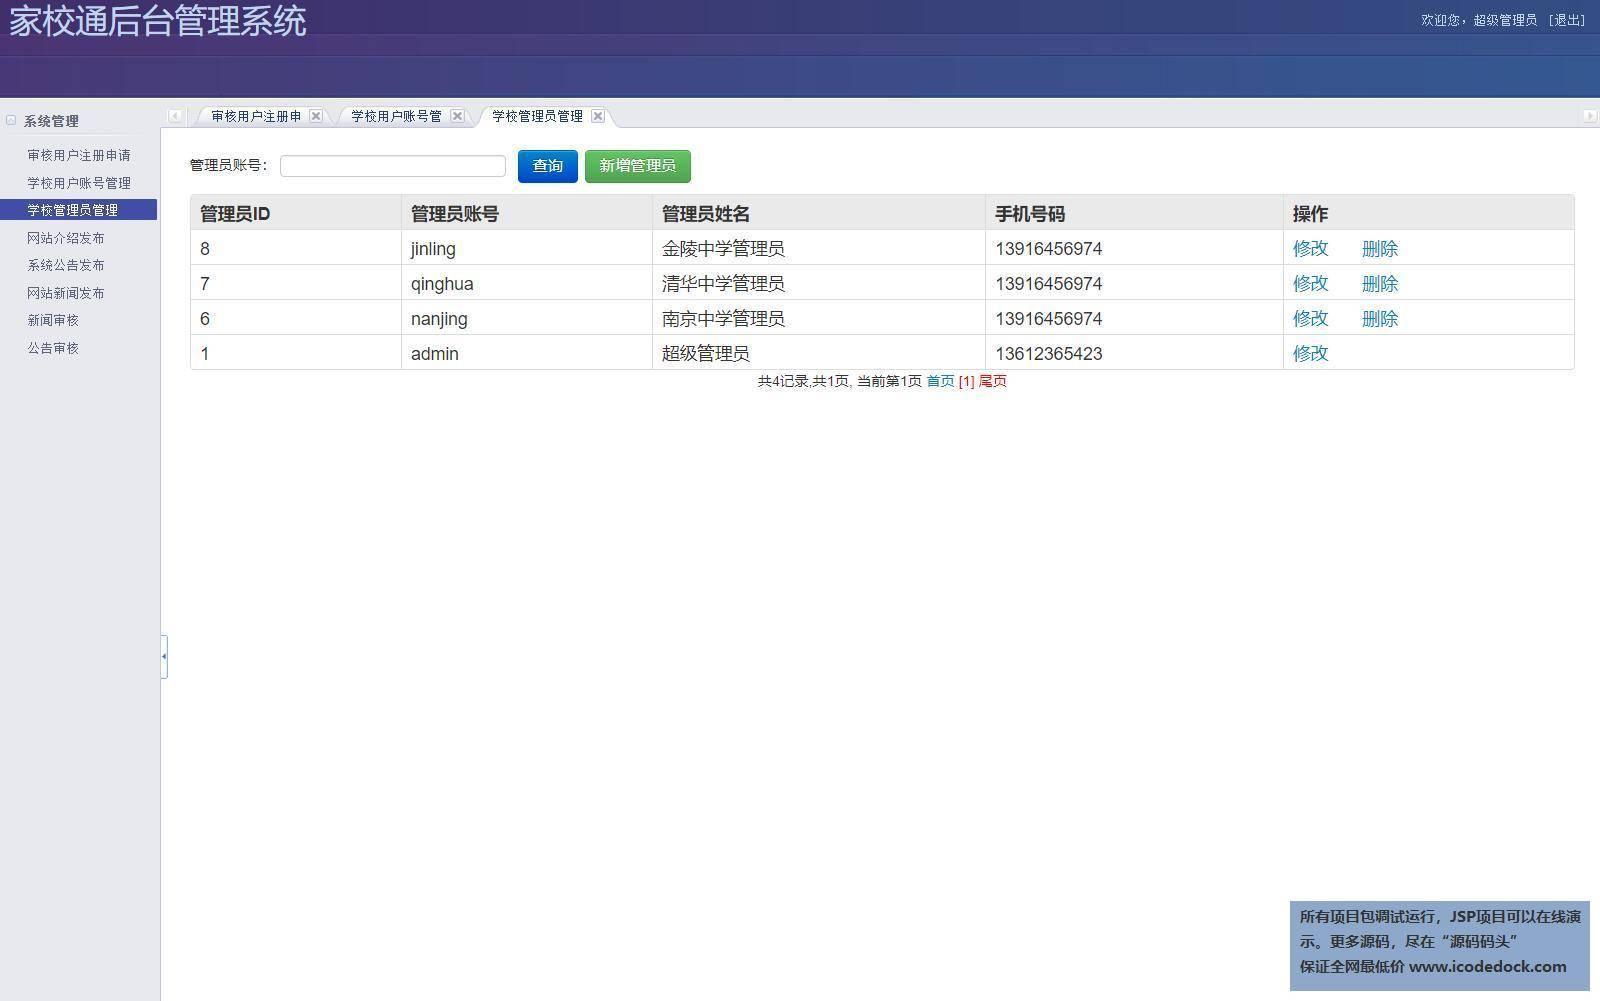 源码码头-SSM在线家校通管理系统-管理员角色-学校管理员管理